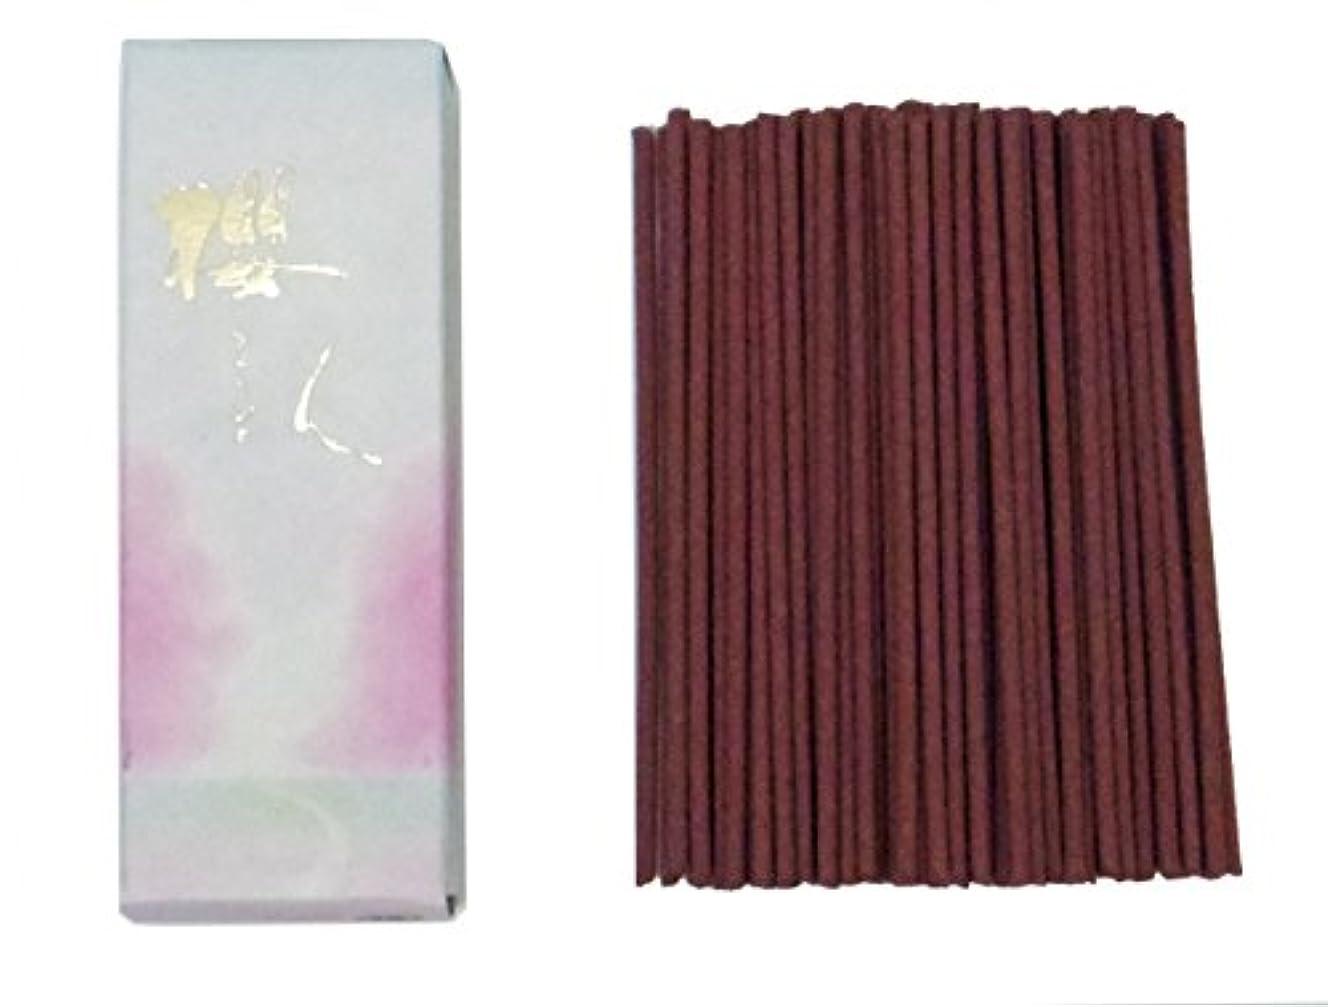 殉教者予防接種する角度丸叶むらたのお香 ハーフ寸サック 櫻人 約15g #S-09